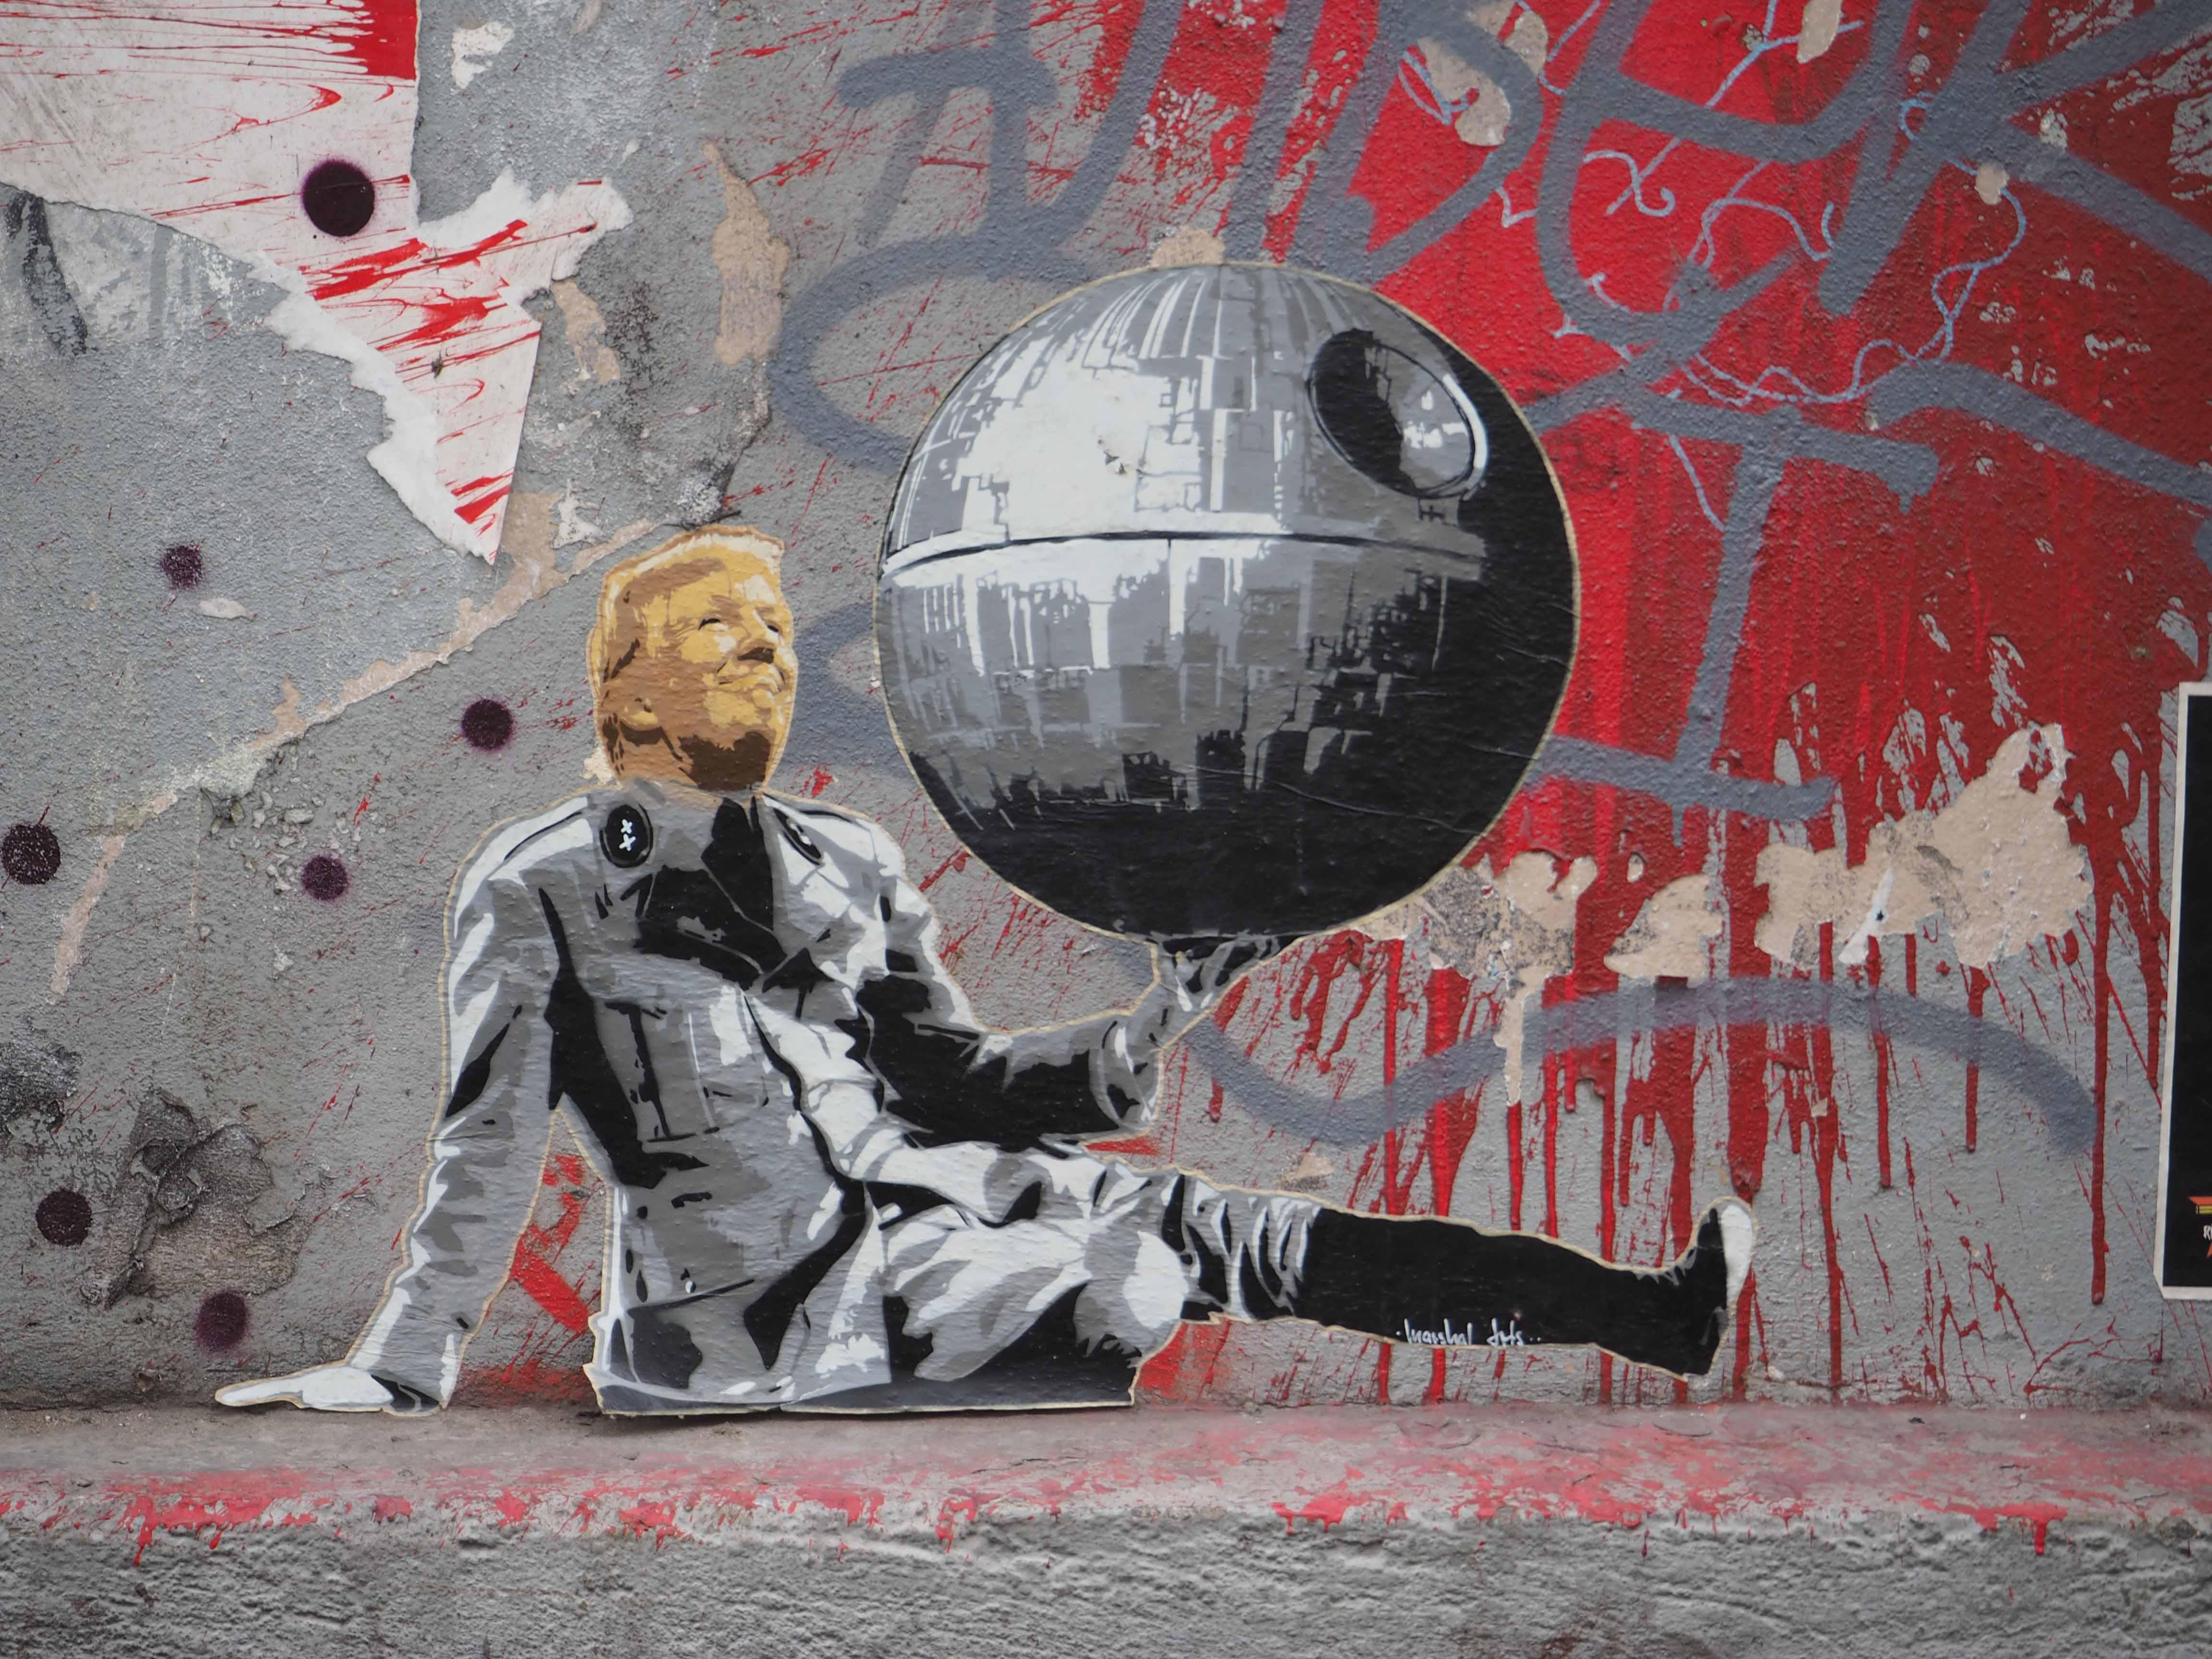 """das Paste up von Marshal Arts zeigt D. Trump der wie im """"Großen Diktator"""" mit der Weltkugel spielt"""